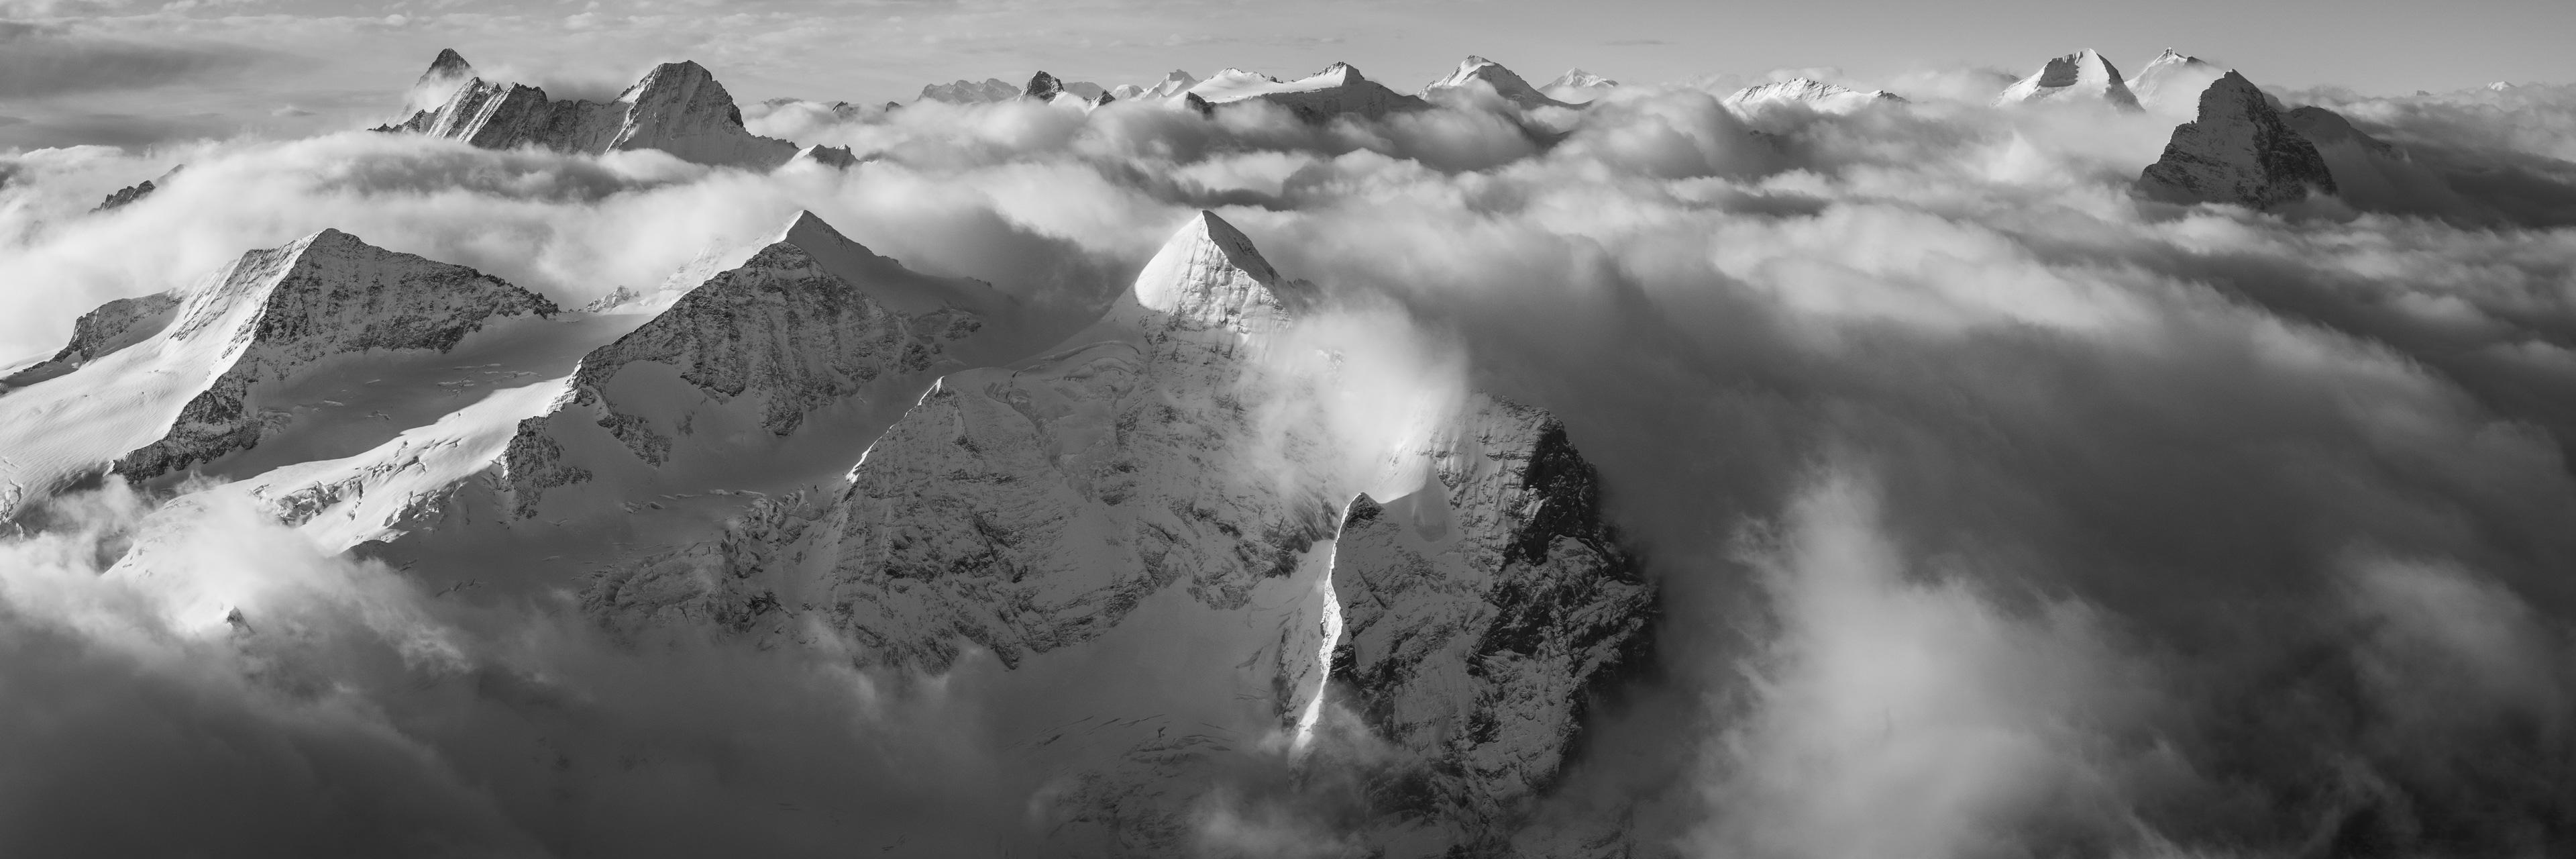 Panorama montagne - Vue panoramique montagne des Alpes Bernoises